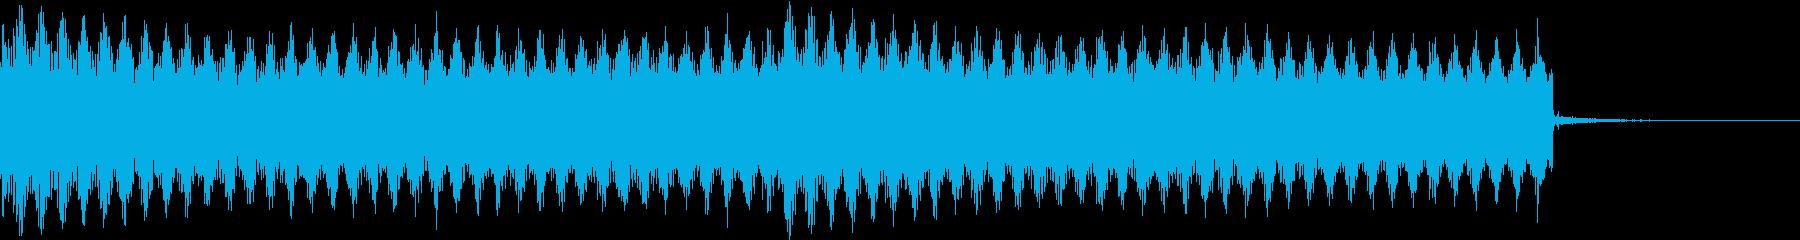 モノレール 電車 ゴーゴゴー!の再生済みの波形